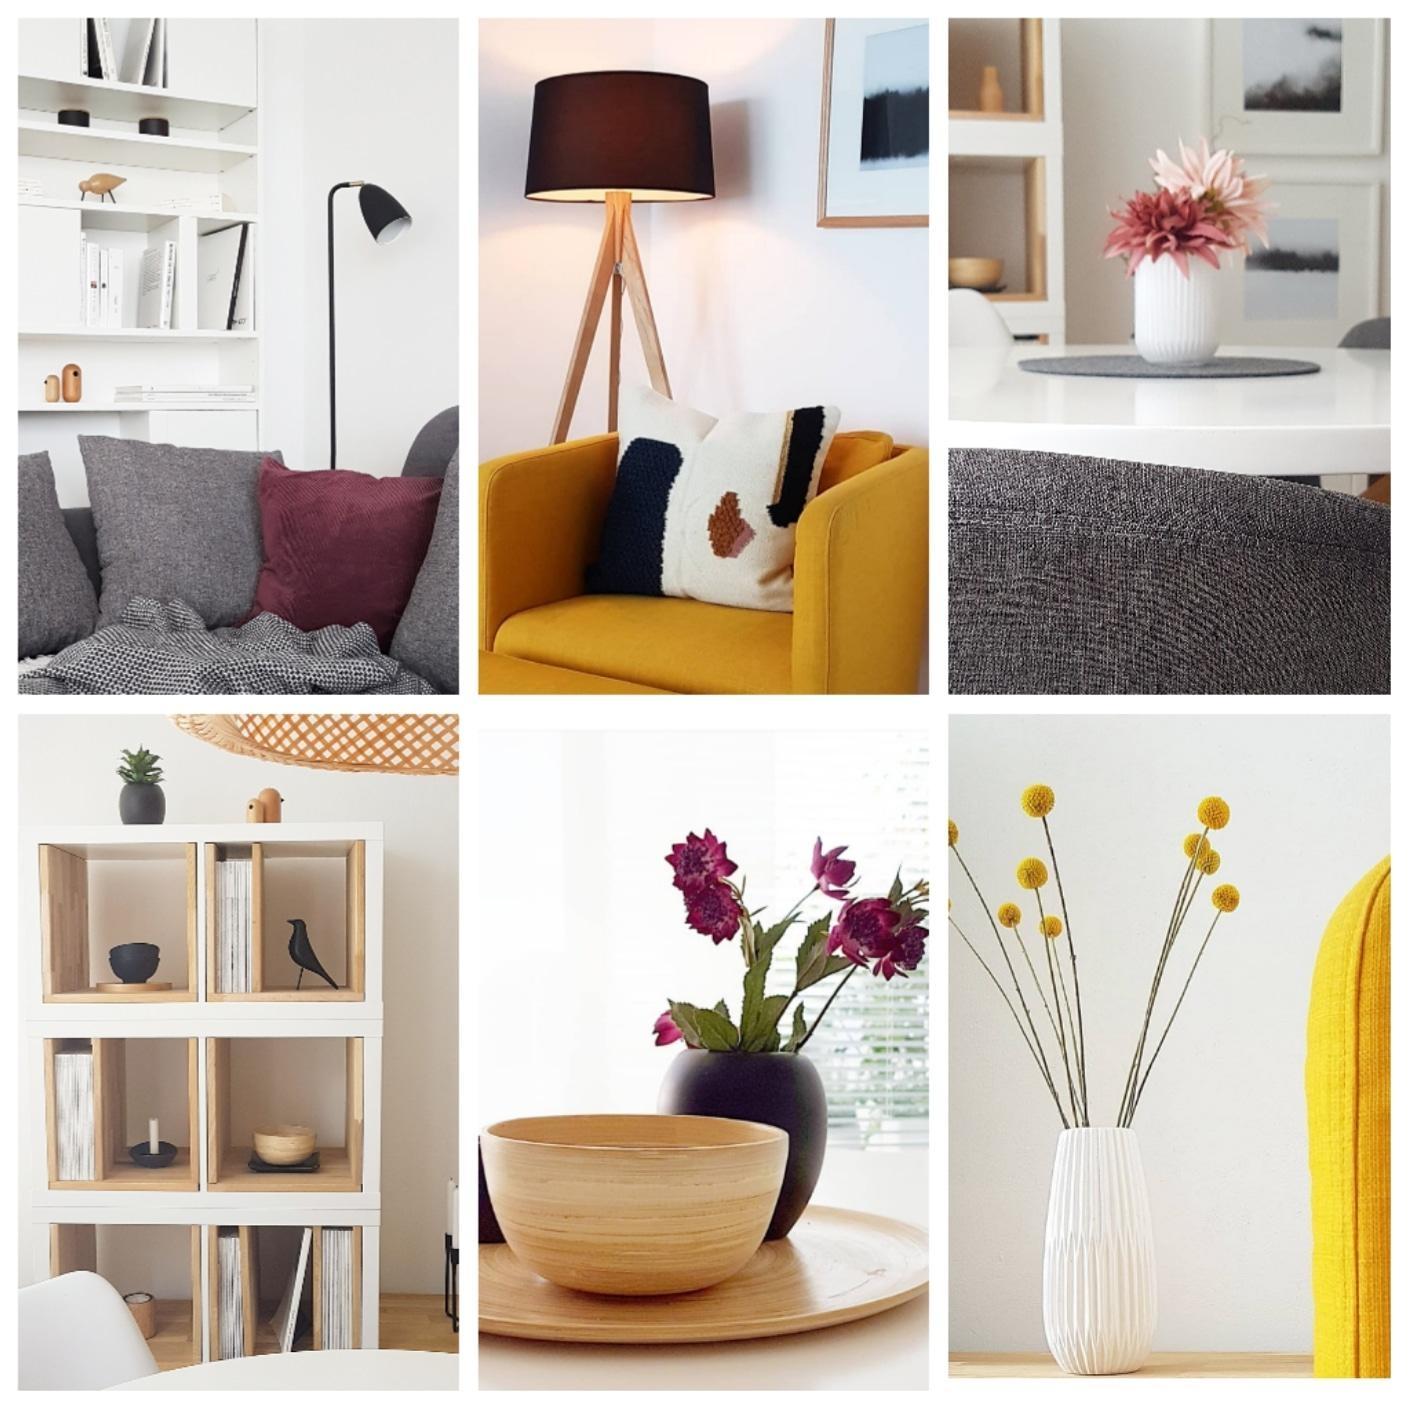 Inspirierend Collage Ideen Dekoration Von Mein T 2018 #collage #wohnen #weißgrauholz #hygge